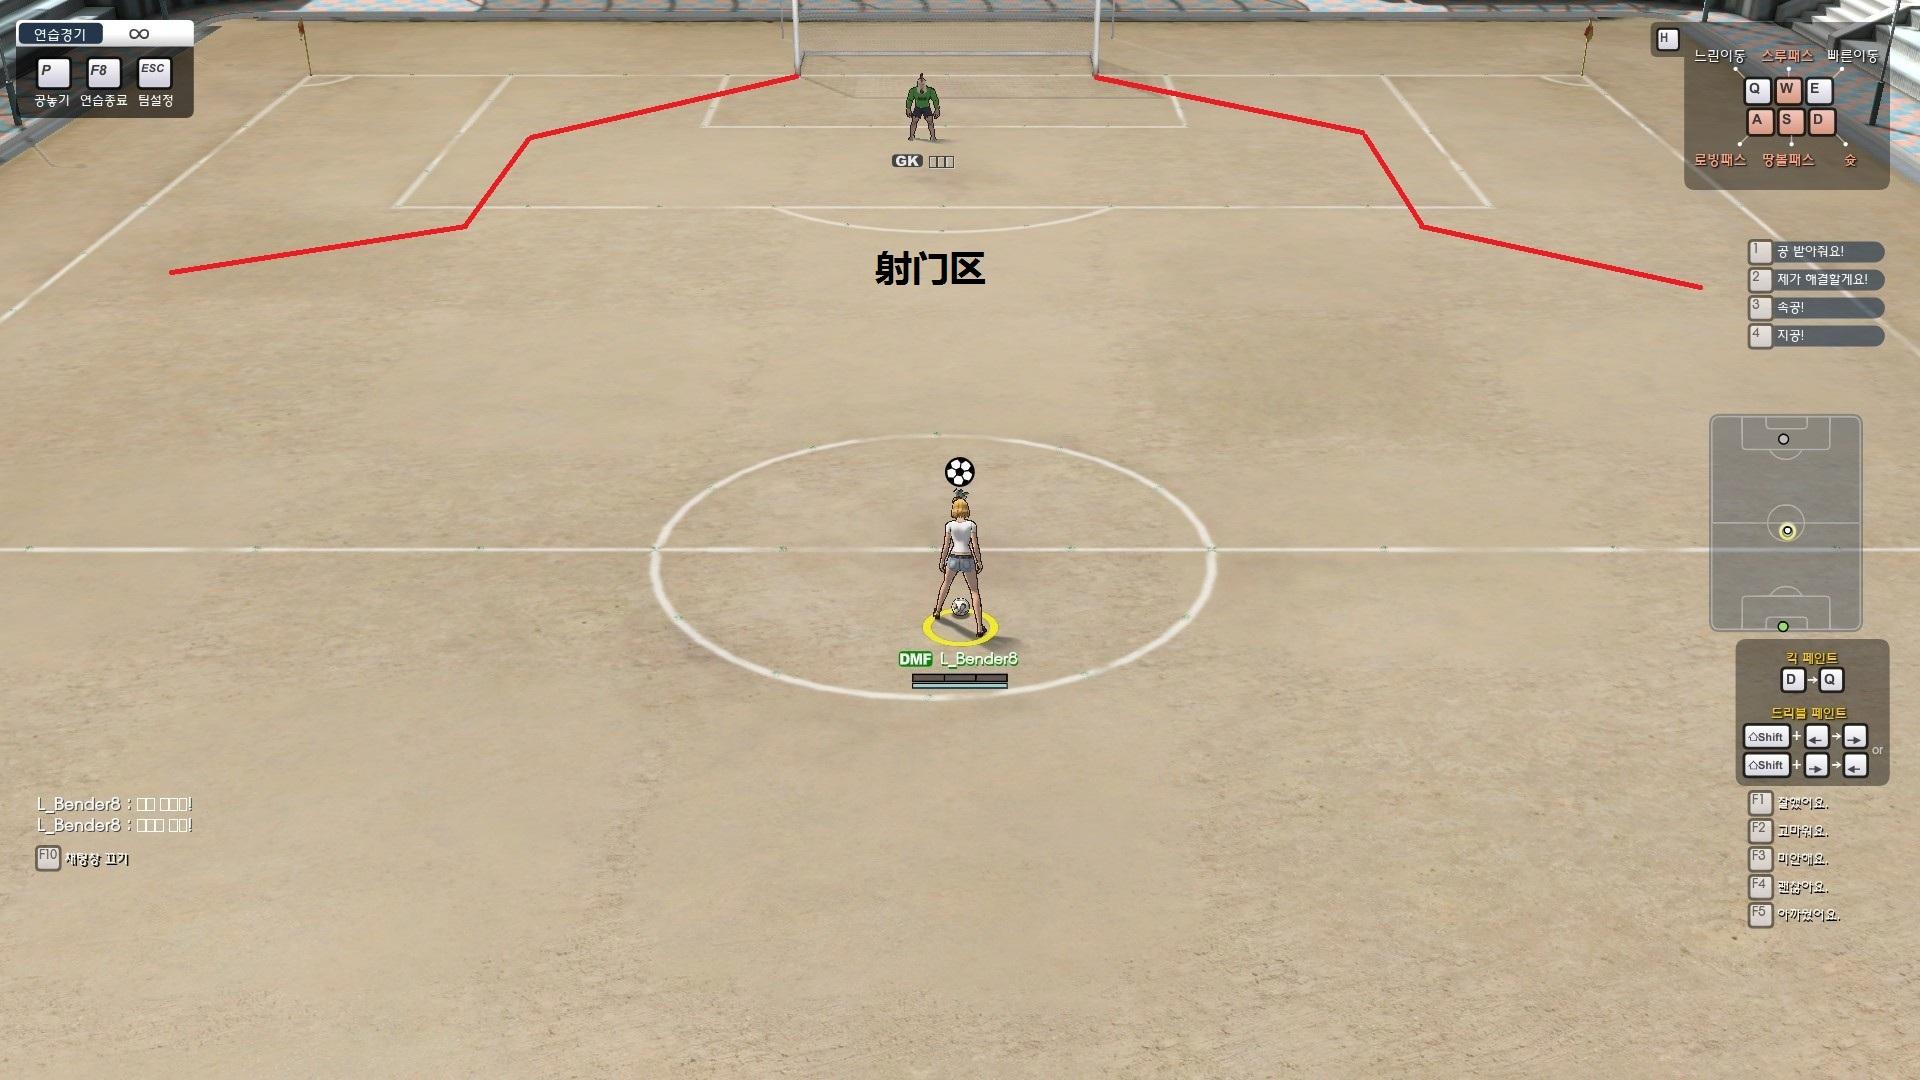 自由足球射门入门篇图文指导